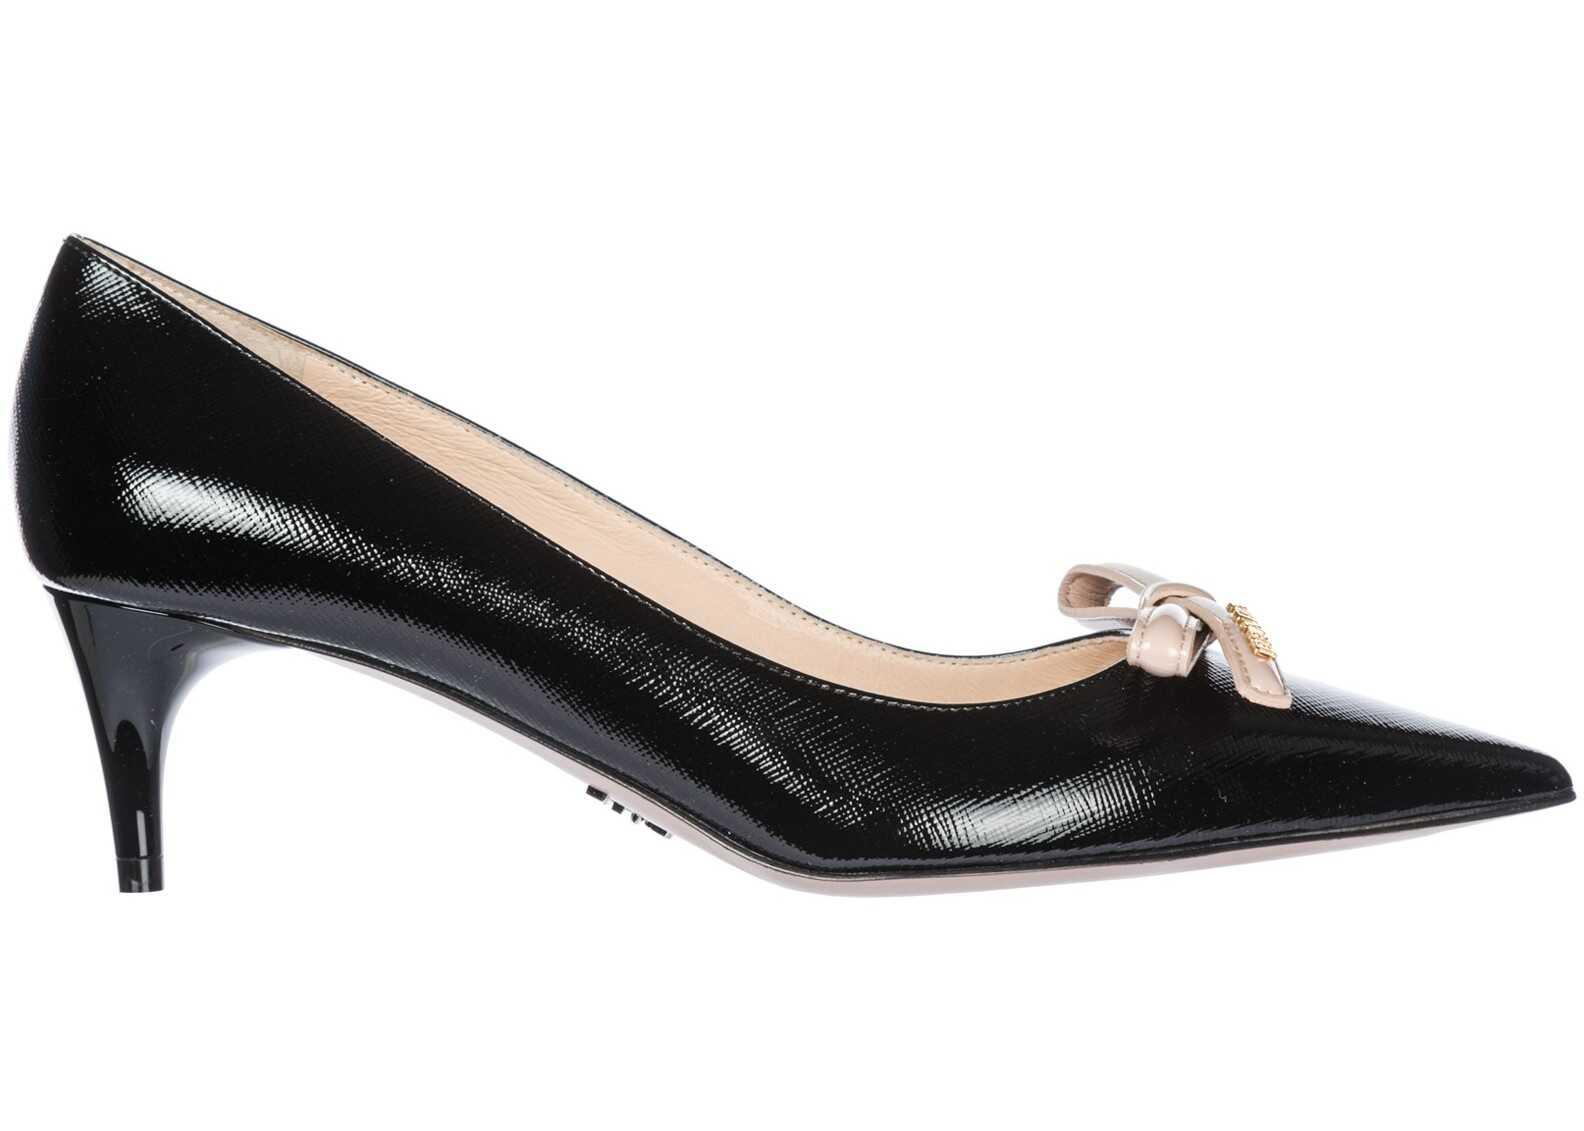 Prada High Heel Black